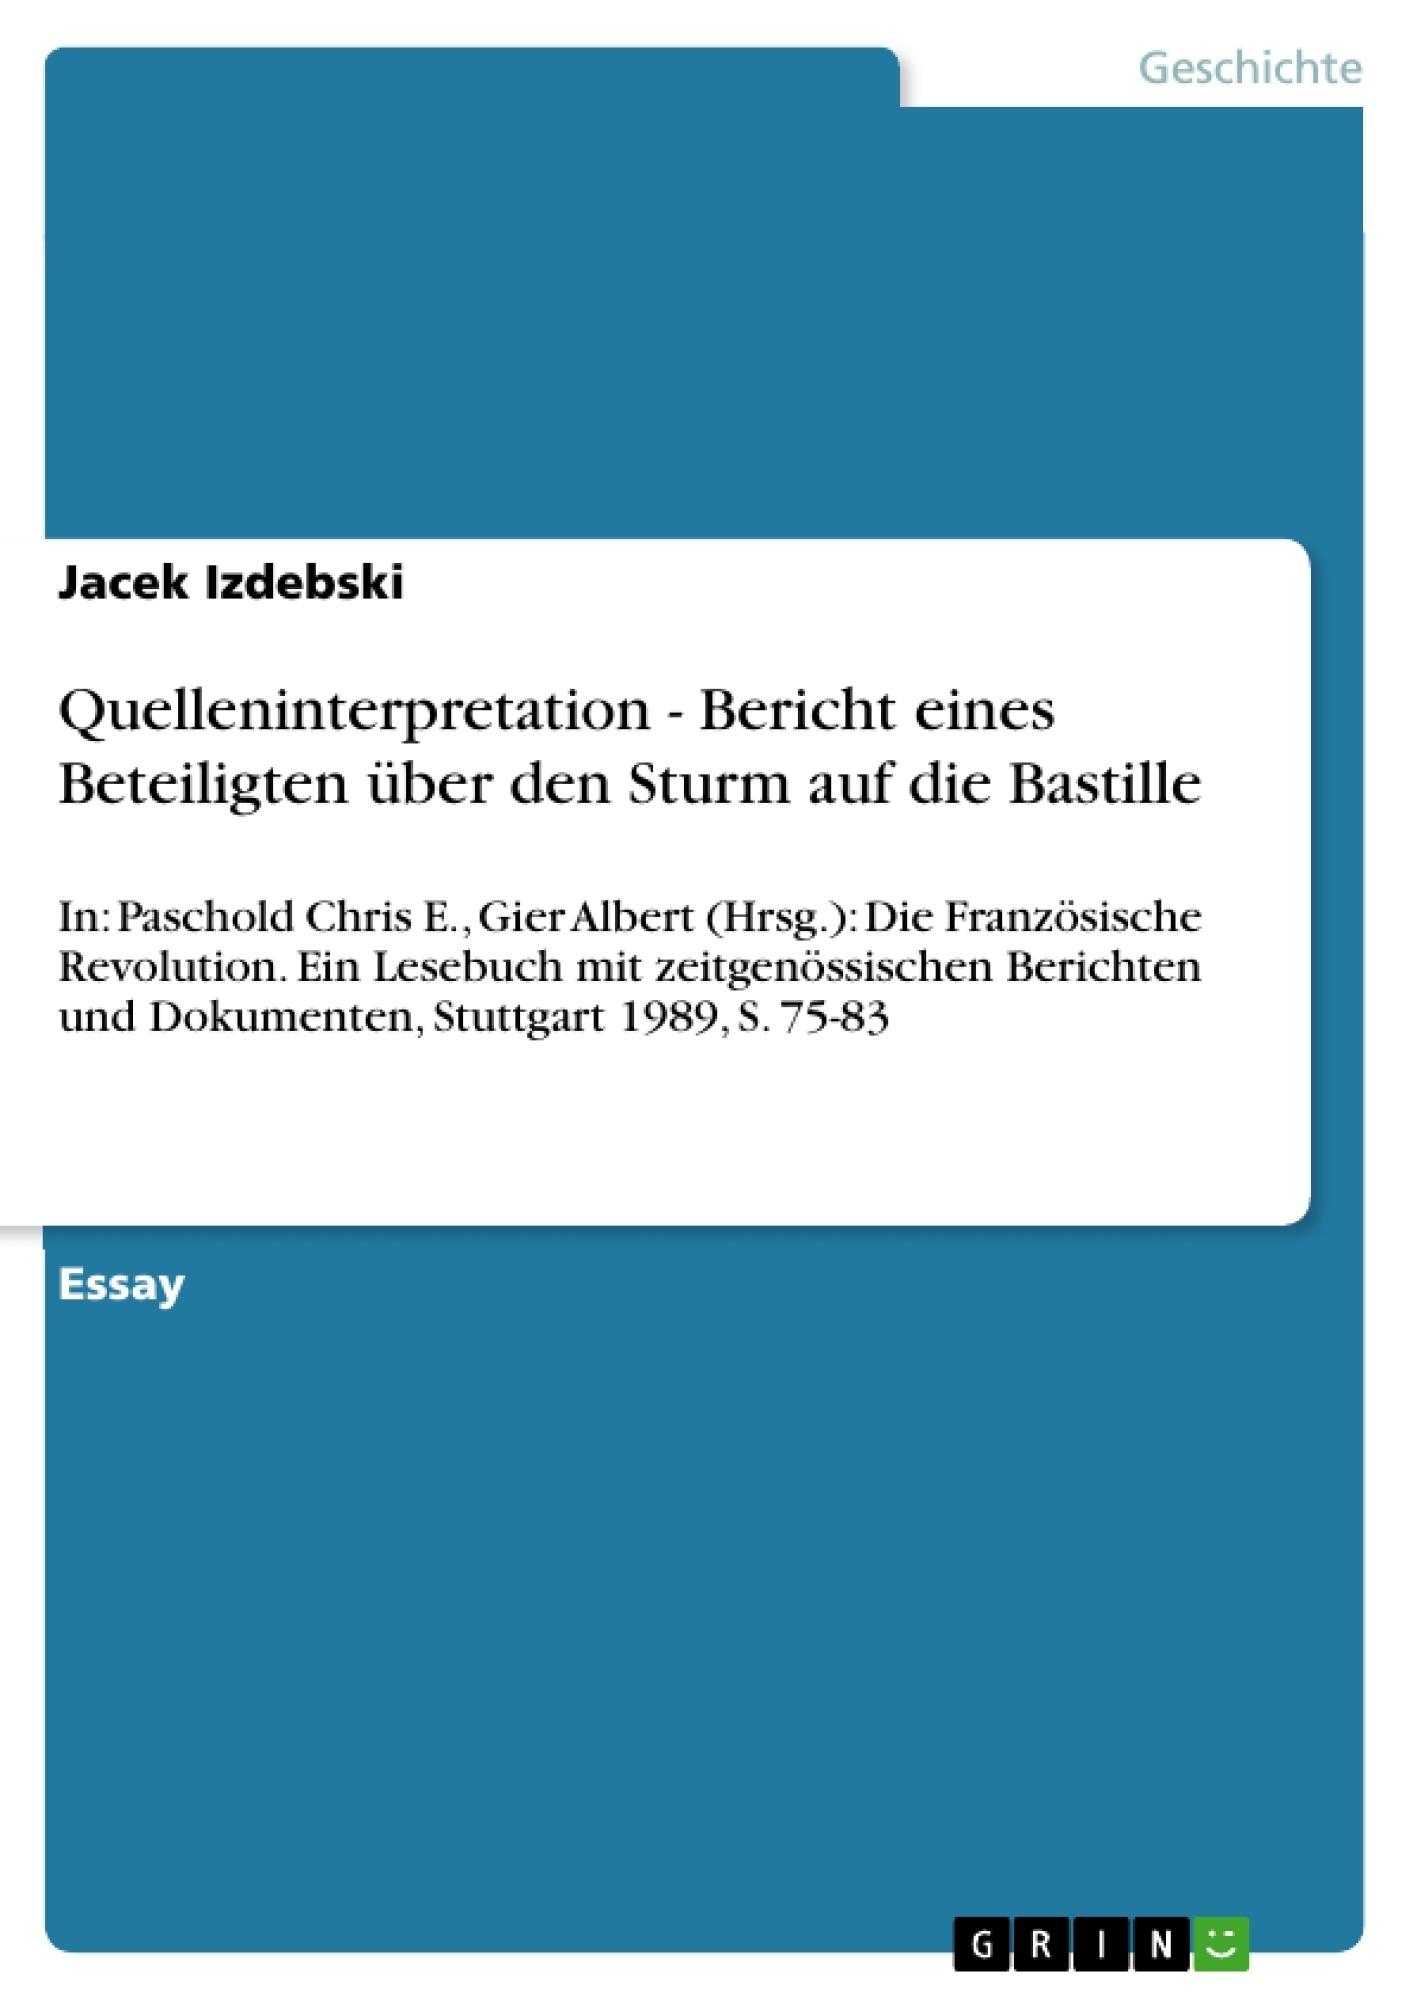 Titel: Quelleninterpretation -  Bericht eines Beteiligten über den Sturm auf die Bastille